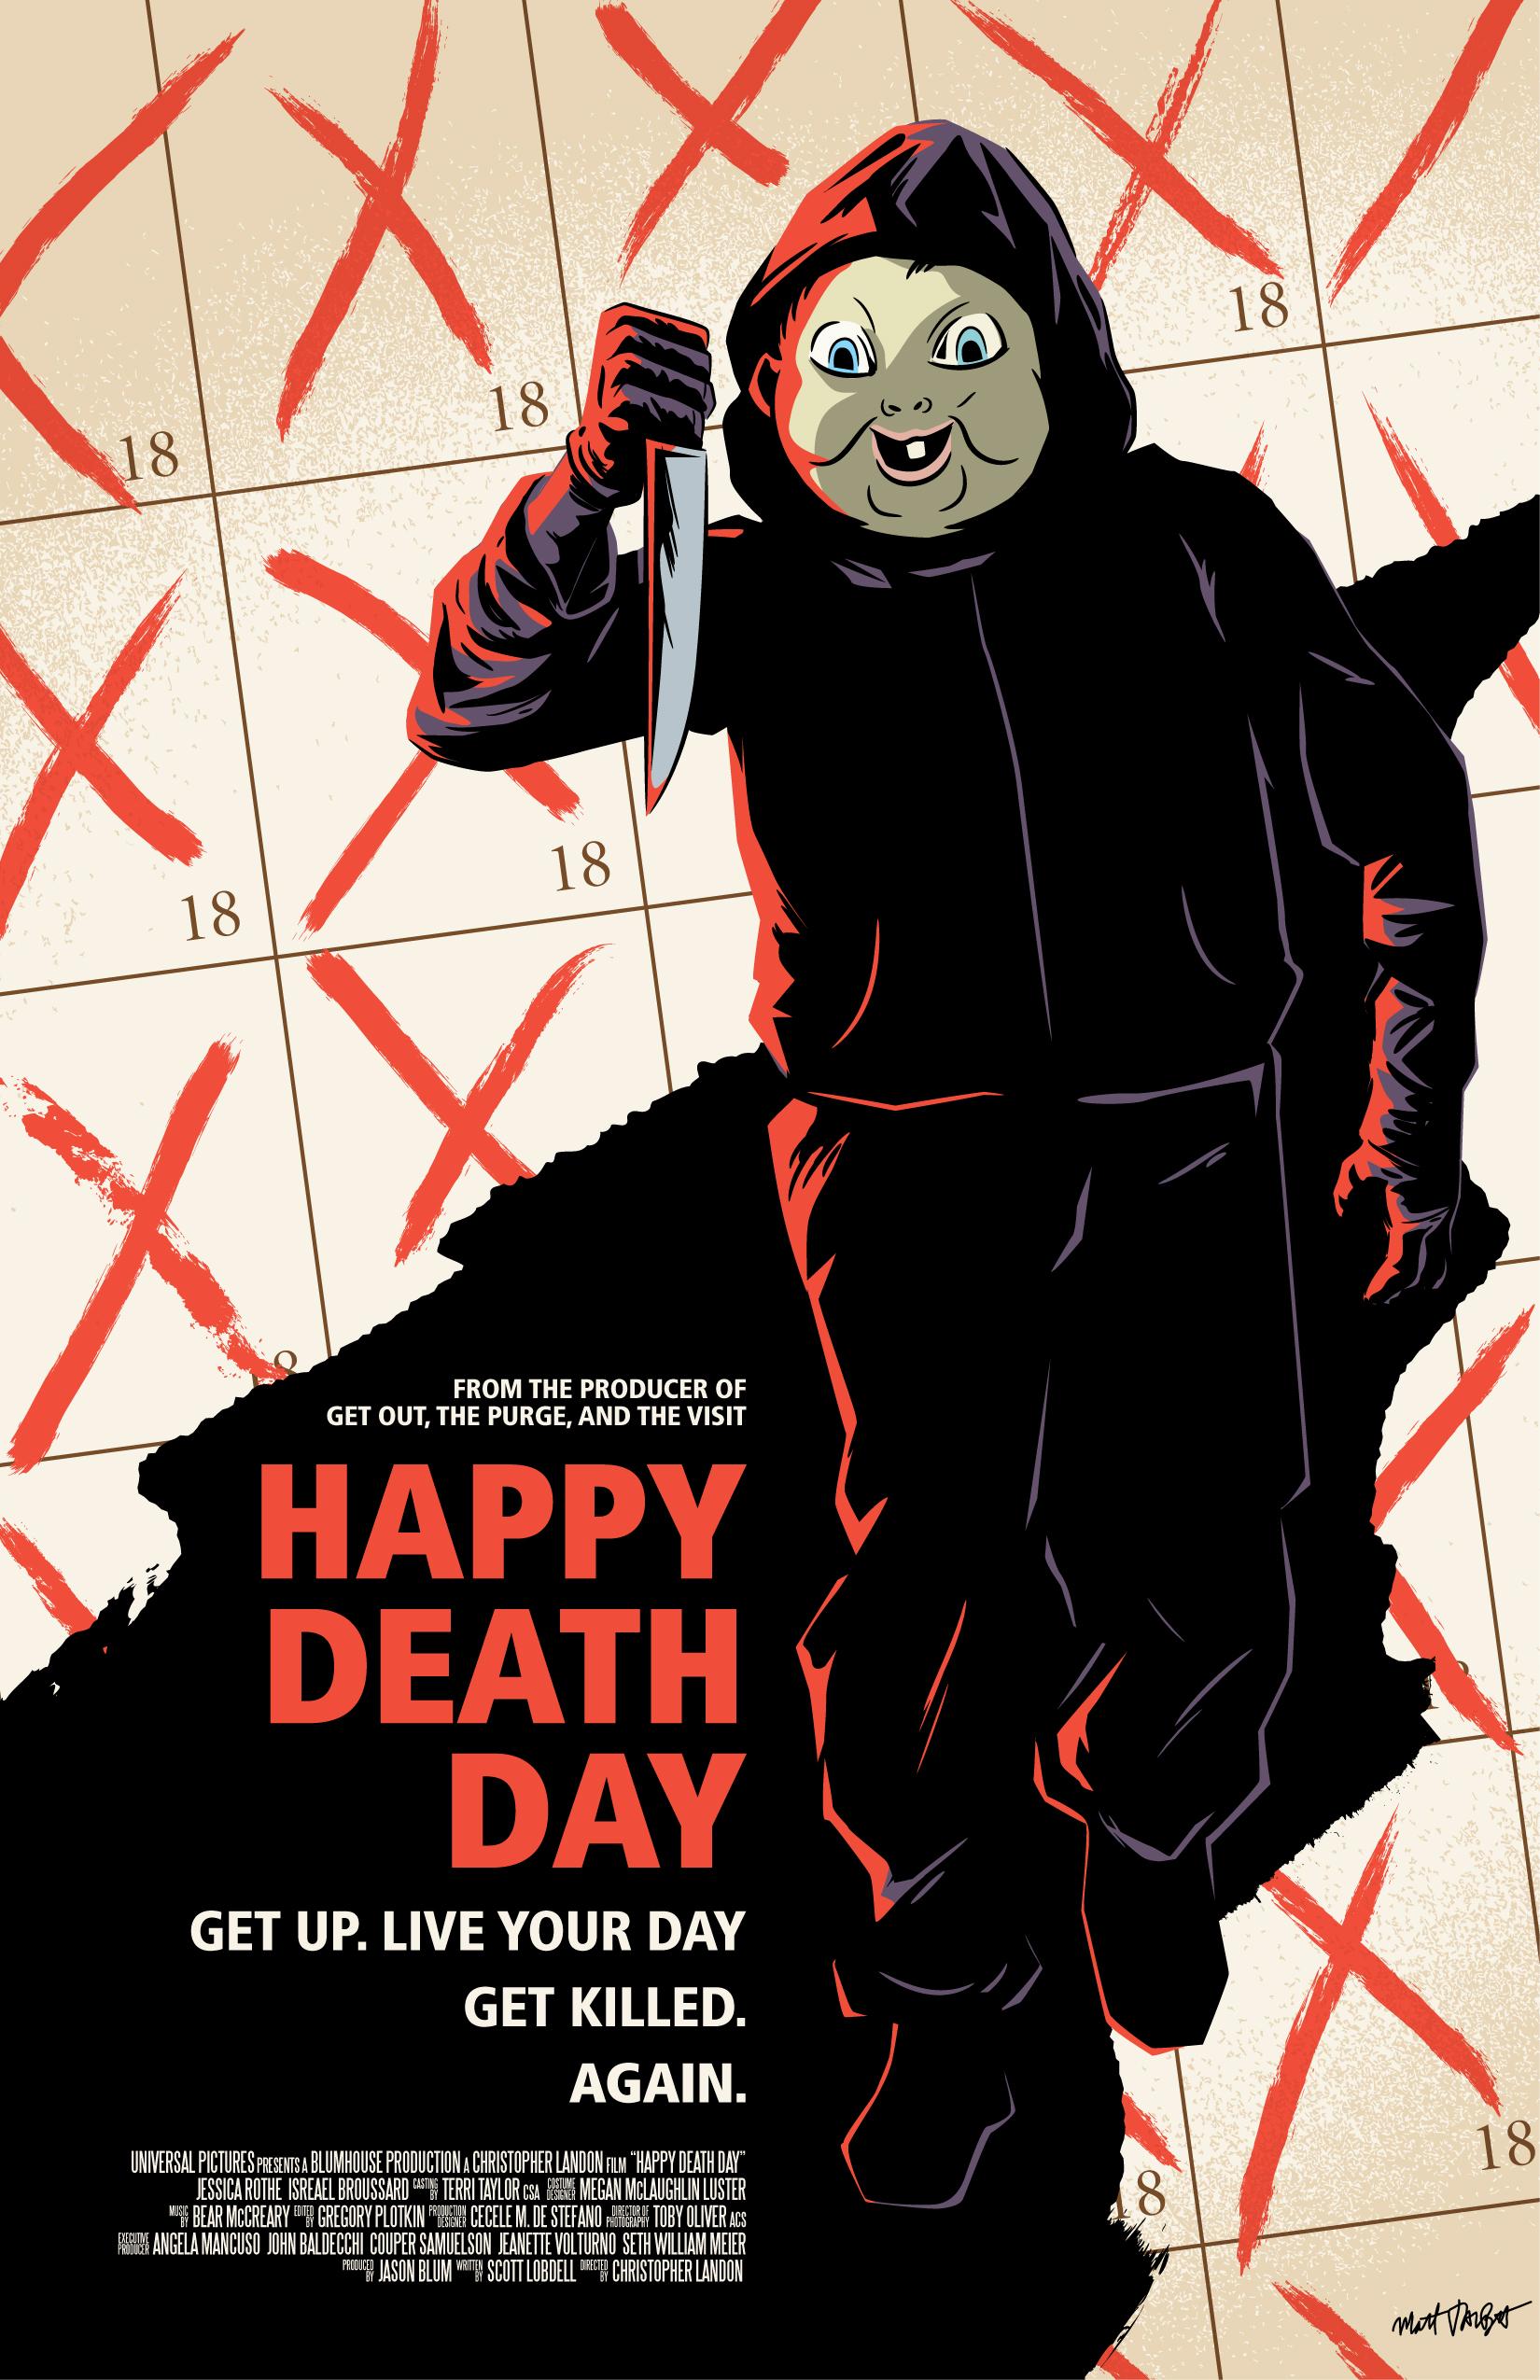 Happy Death Day Poster by Matt Talbot